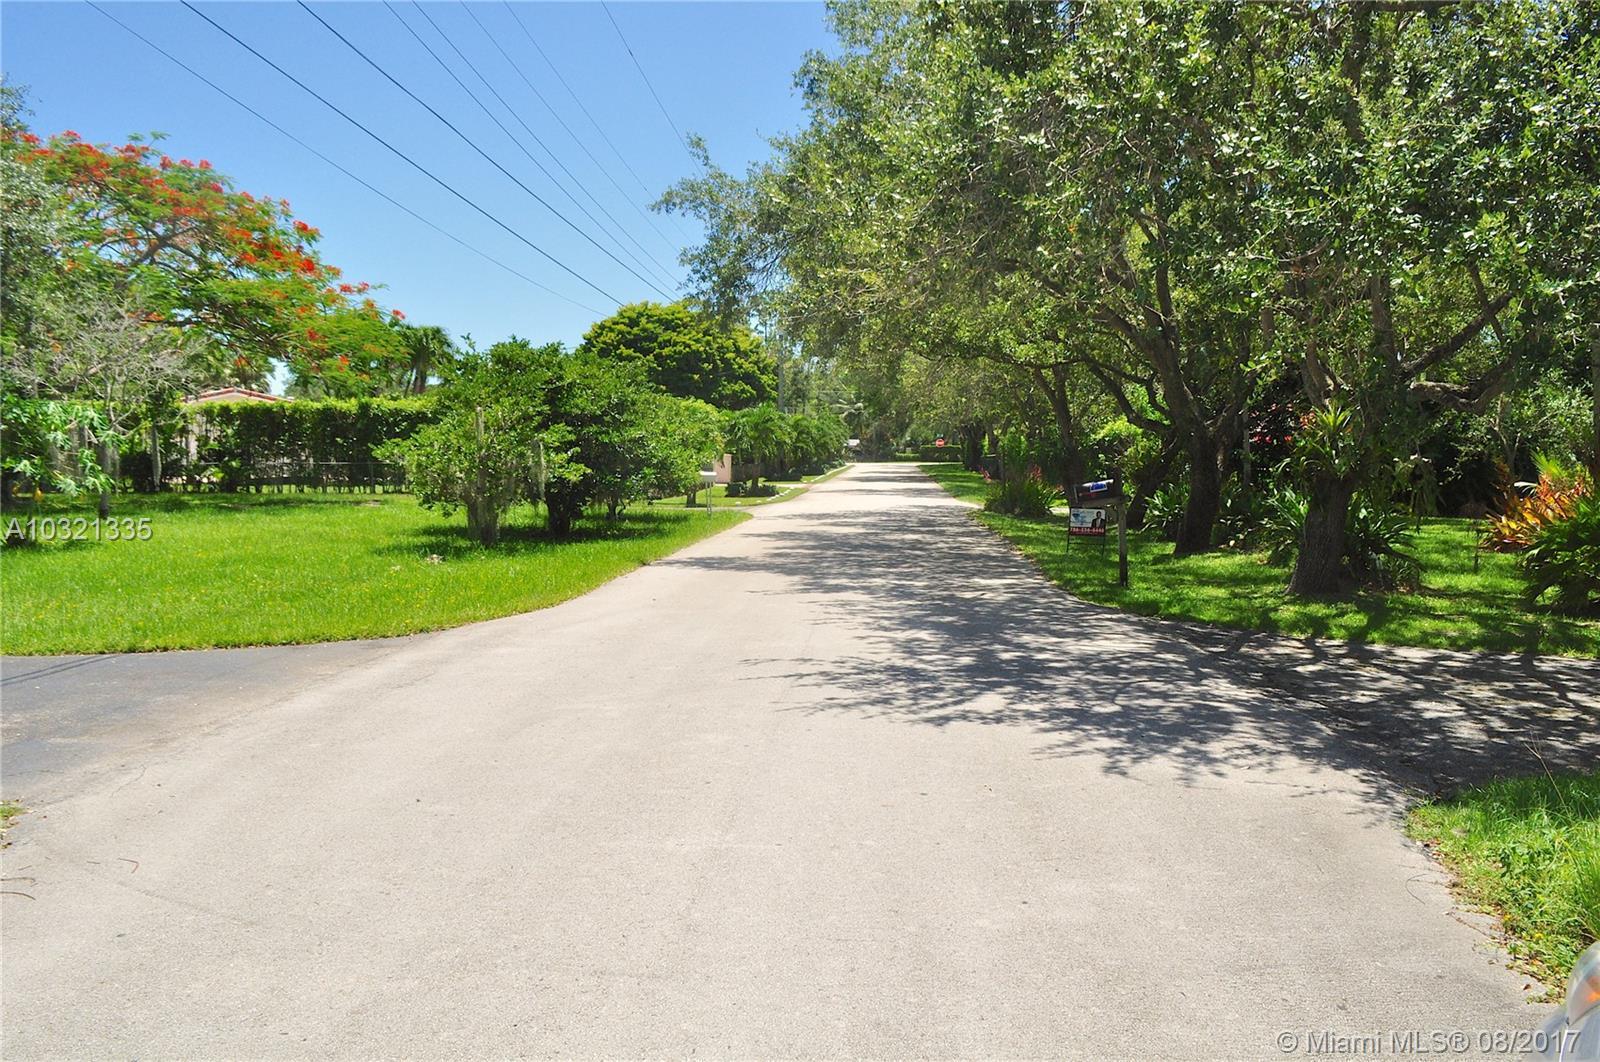 6230 Sw 83rd Ave, Miami FL, 33143